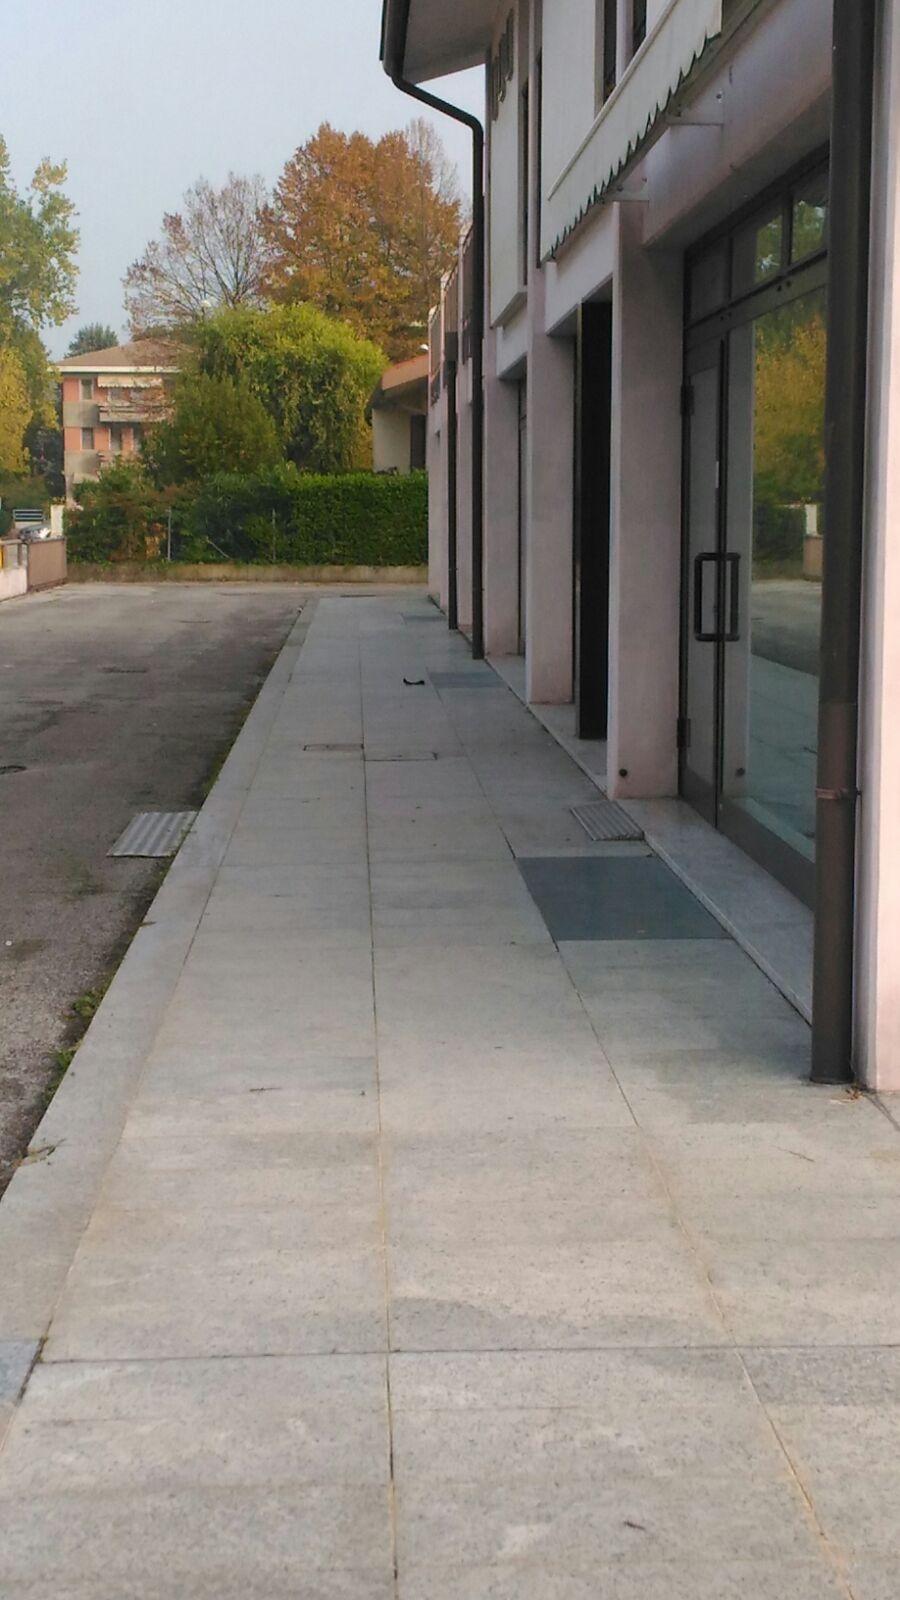 Negozio / Locale in affitto a Preganziol, 9999 locali, zona Zona: Frescada, prezzo € 5.500 | CambioCasa.it